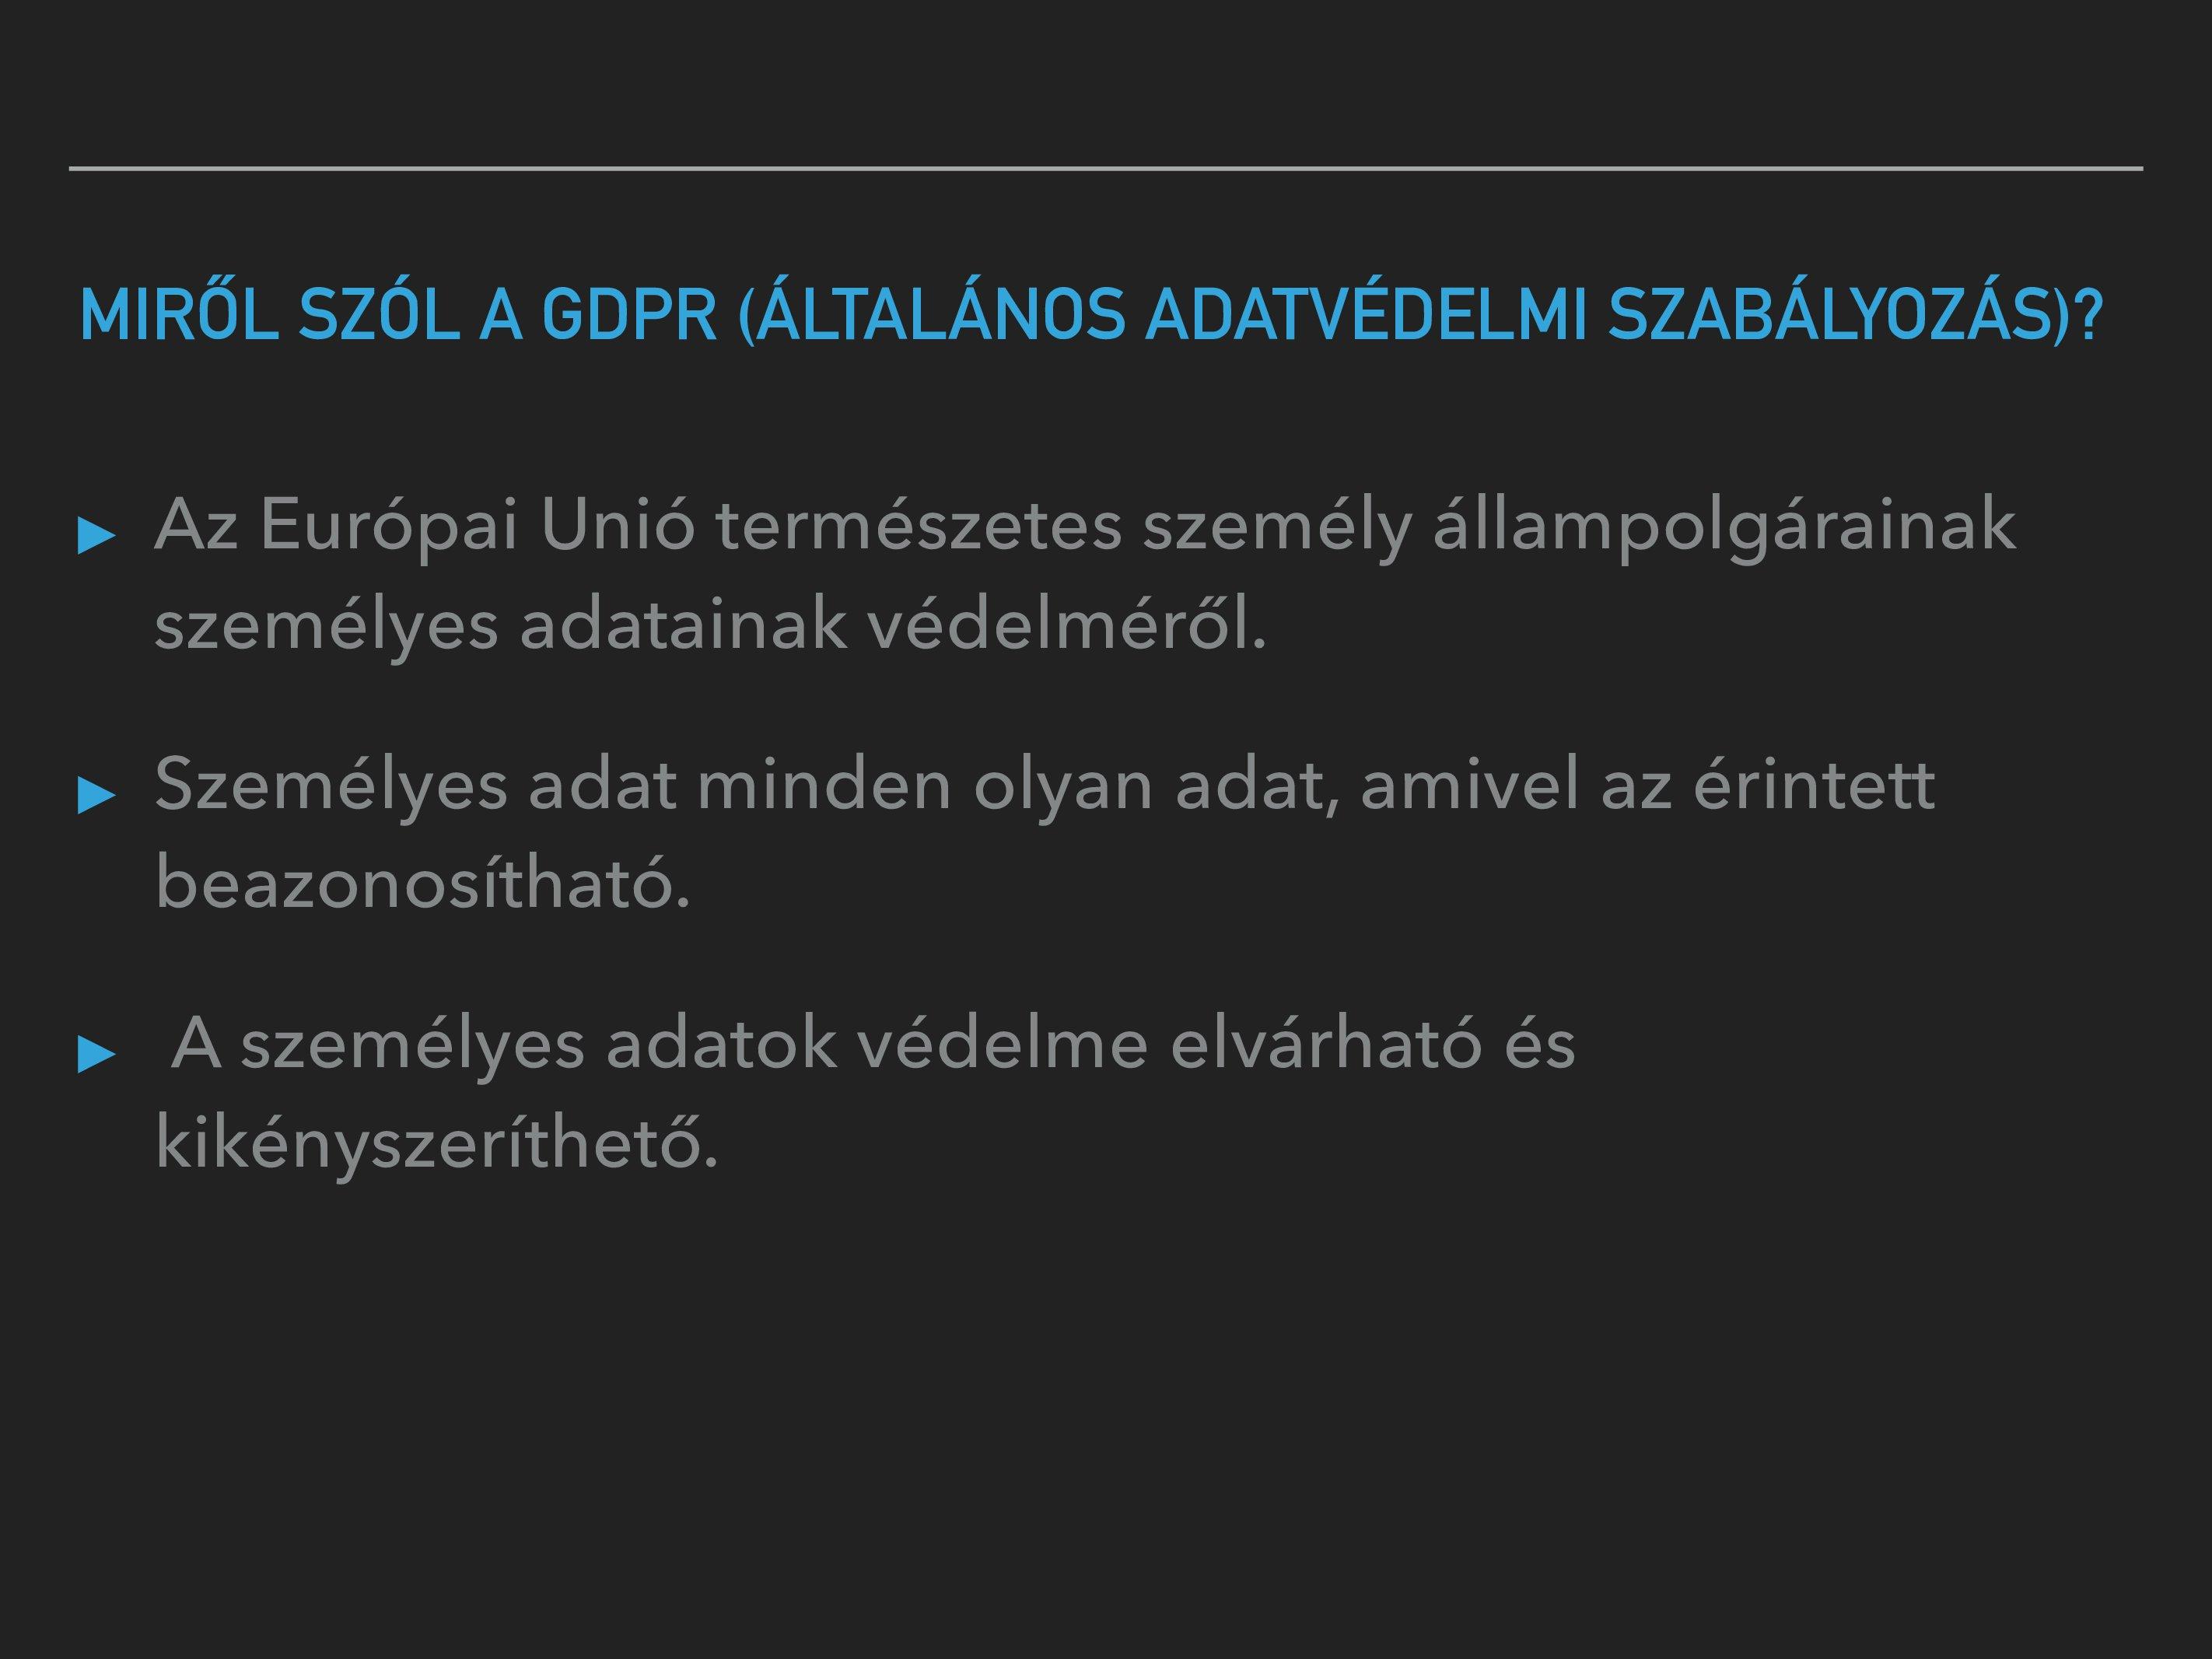 gdpr_prezenta_ci_fazakas_l_szl_001.jpg